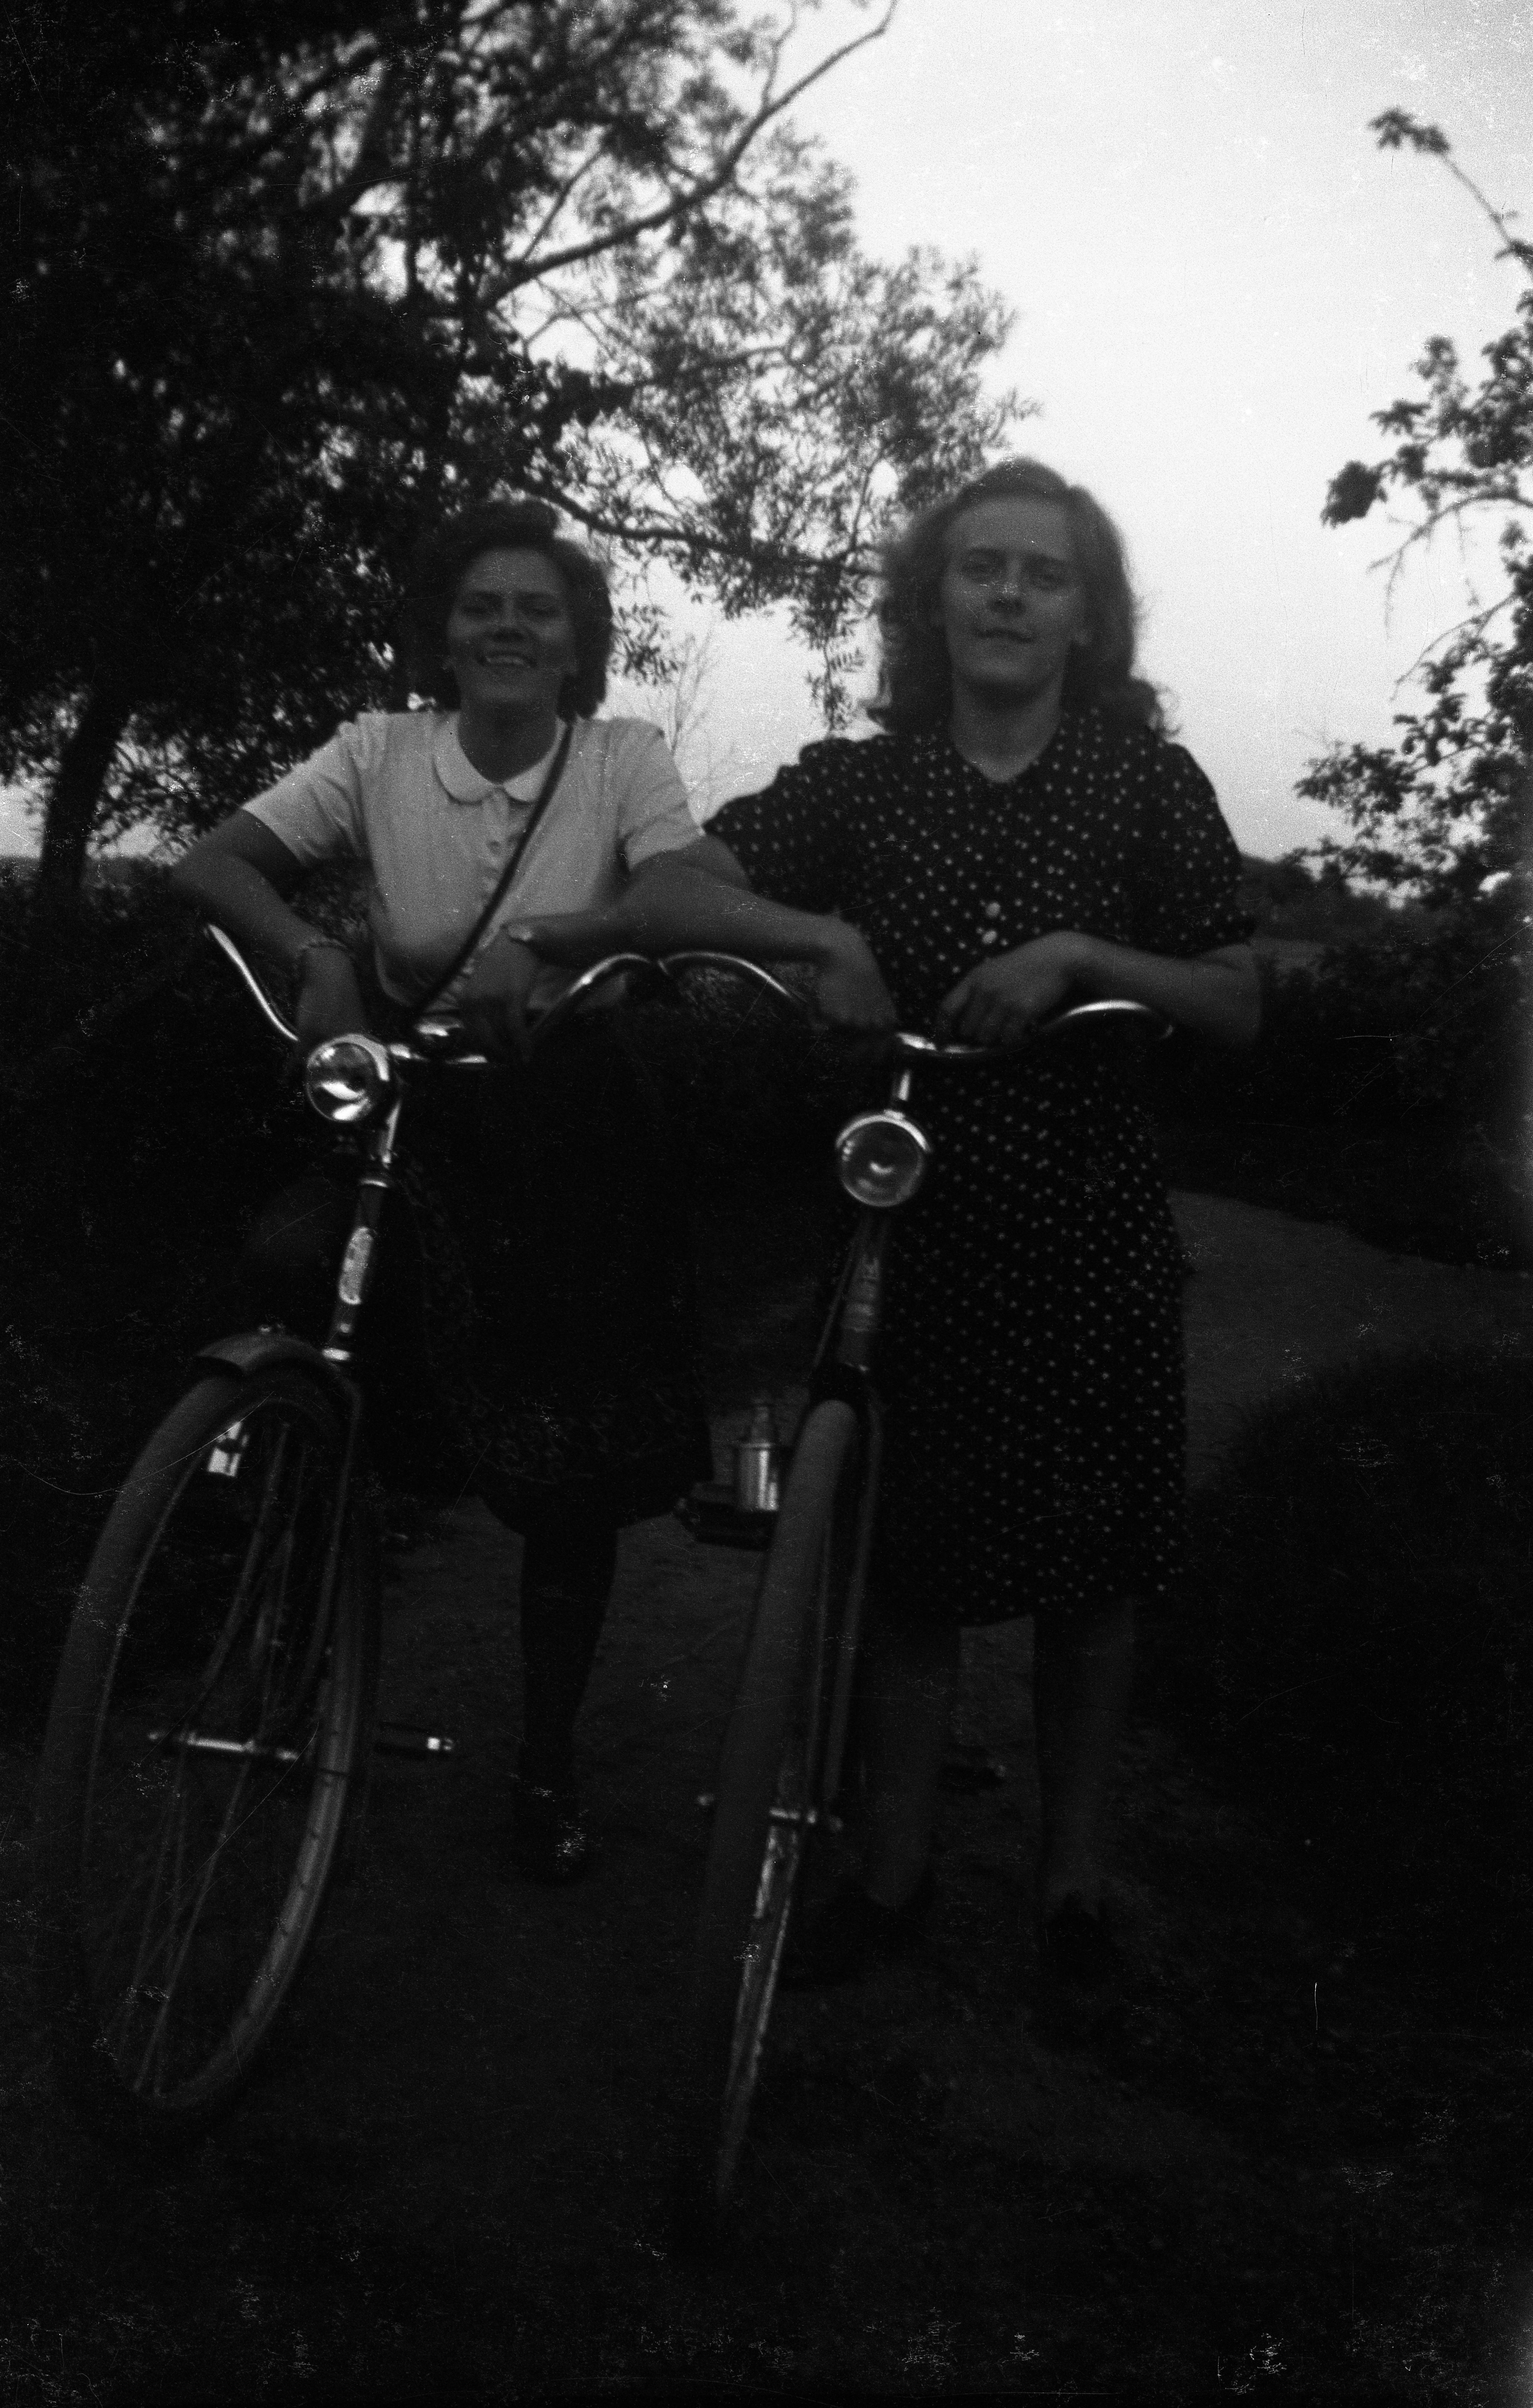 Valbor och Dalia med nya cyklar